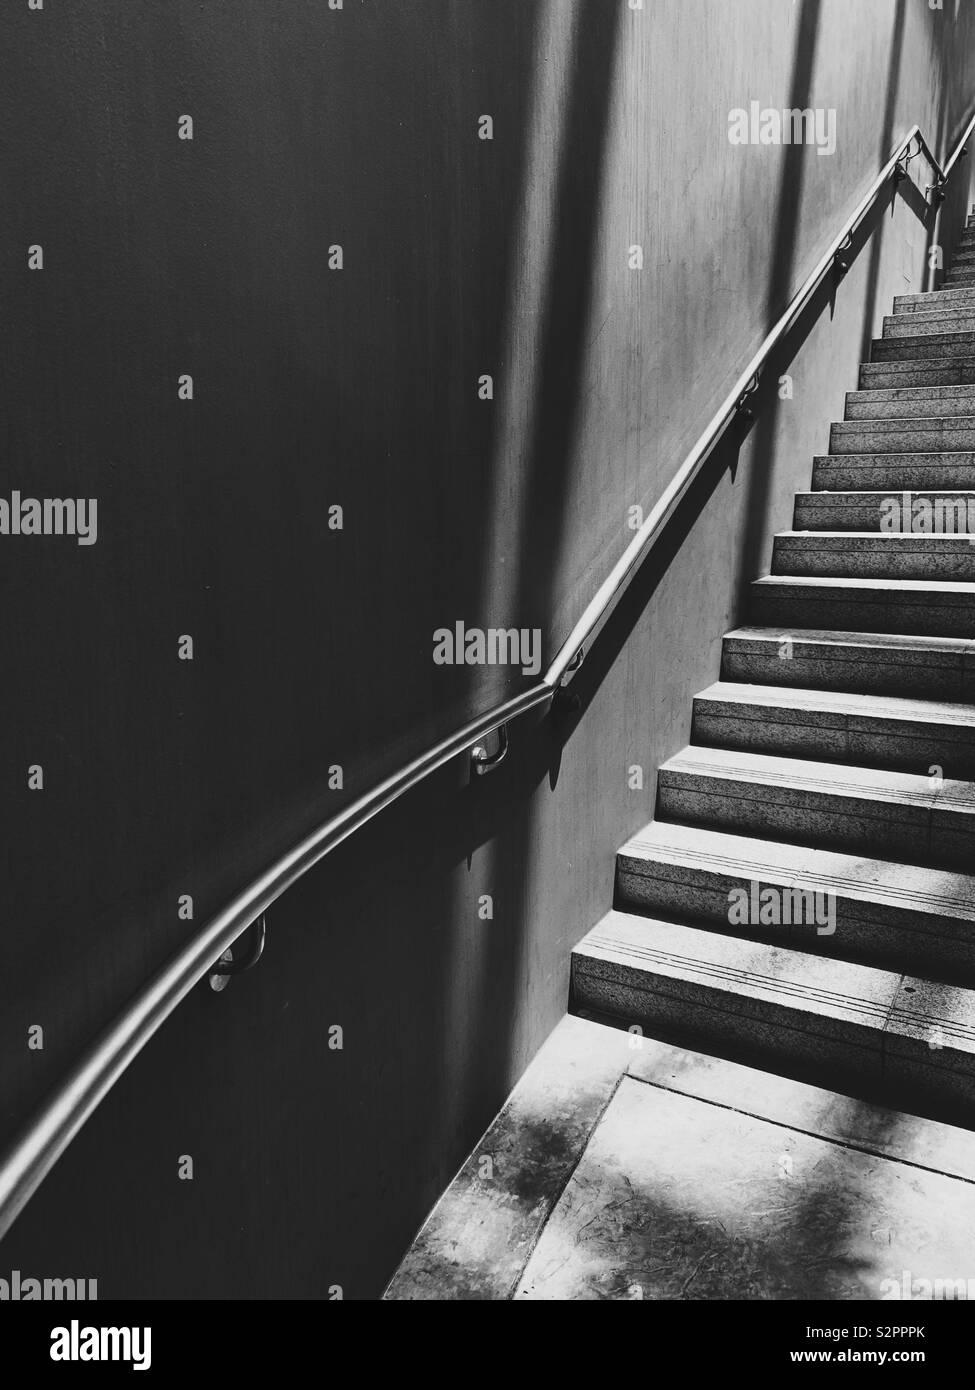 Escaleras arriba y sombras en blanco y negro Foto de stock